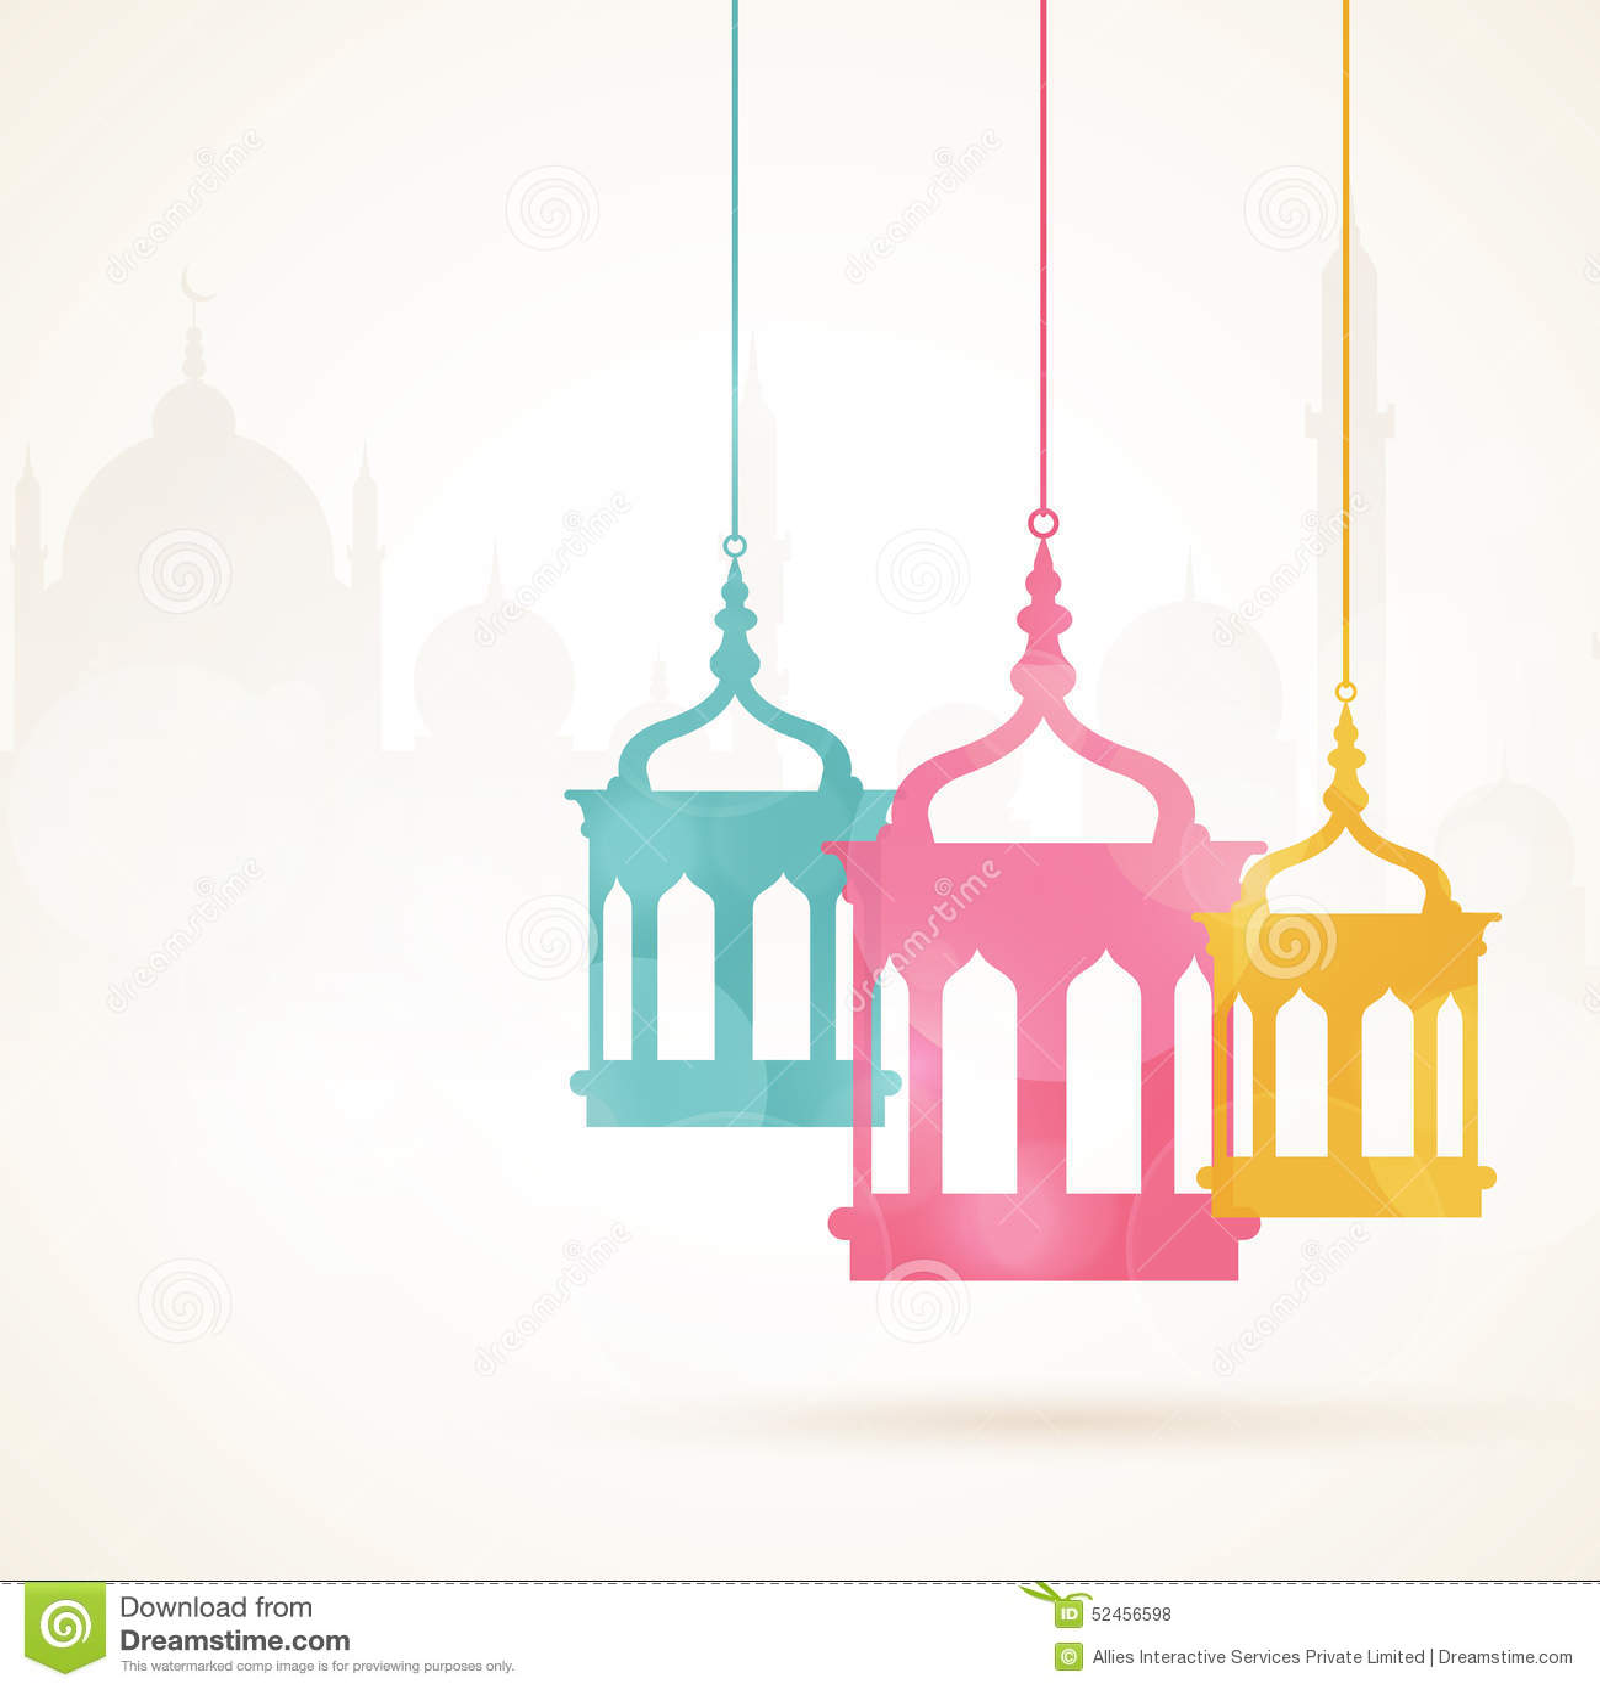 Muslim Invitation was good invitations example